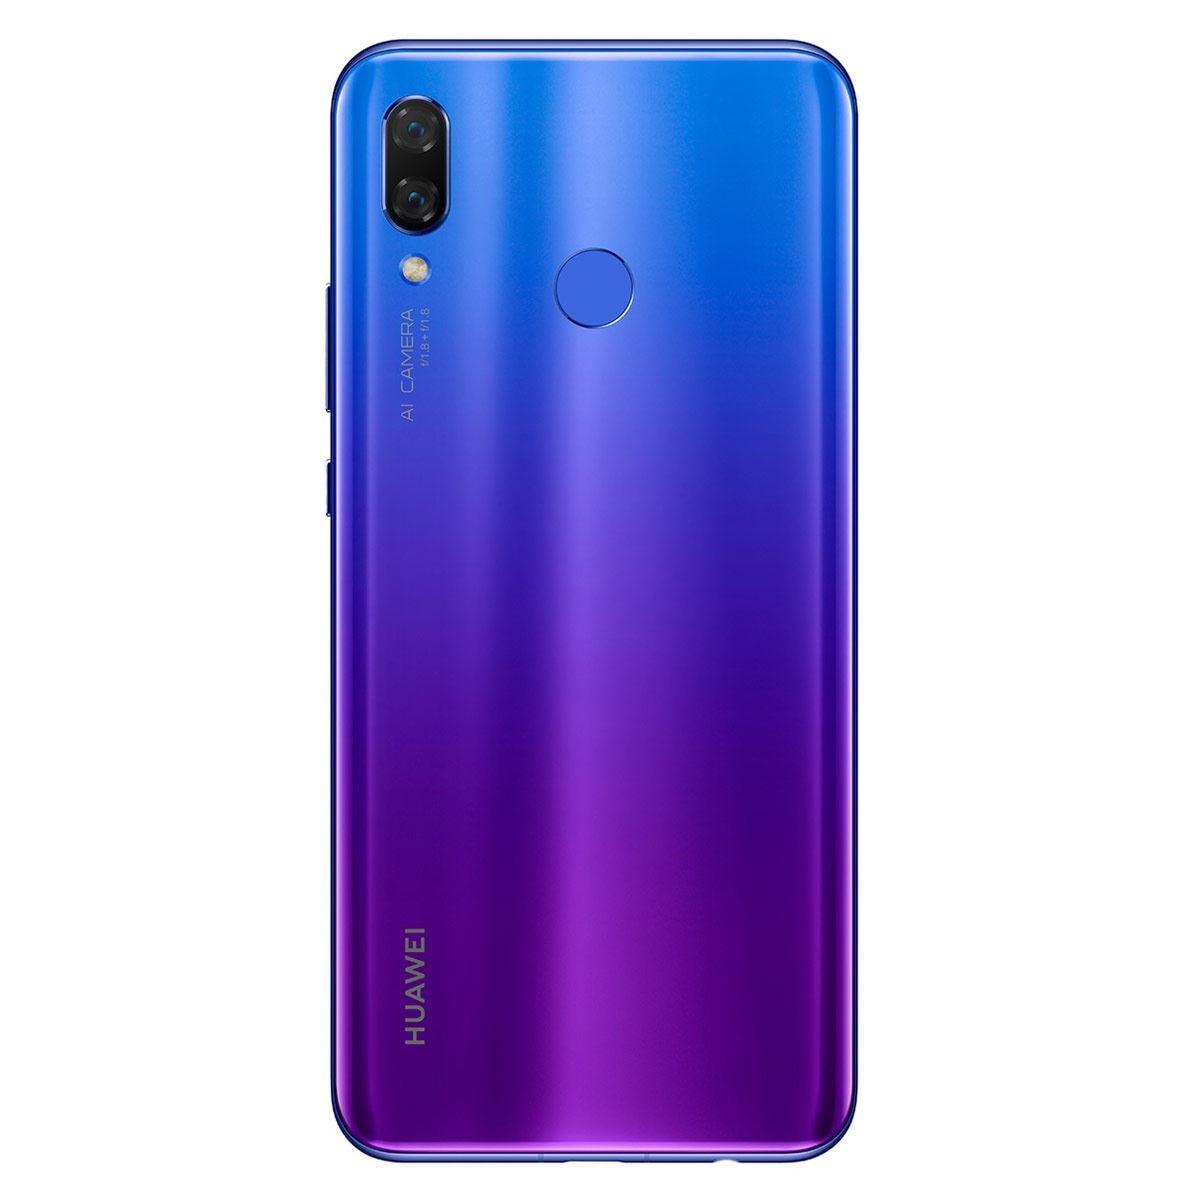 Celular Huawei Par-LX9 Nova 3 Color Morado R9 (Telcel)